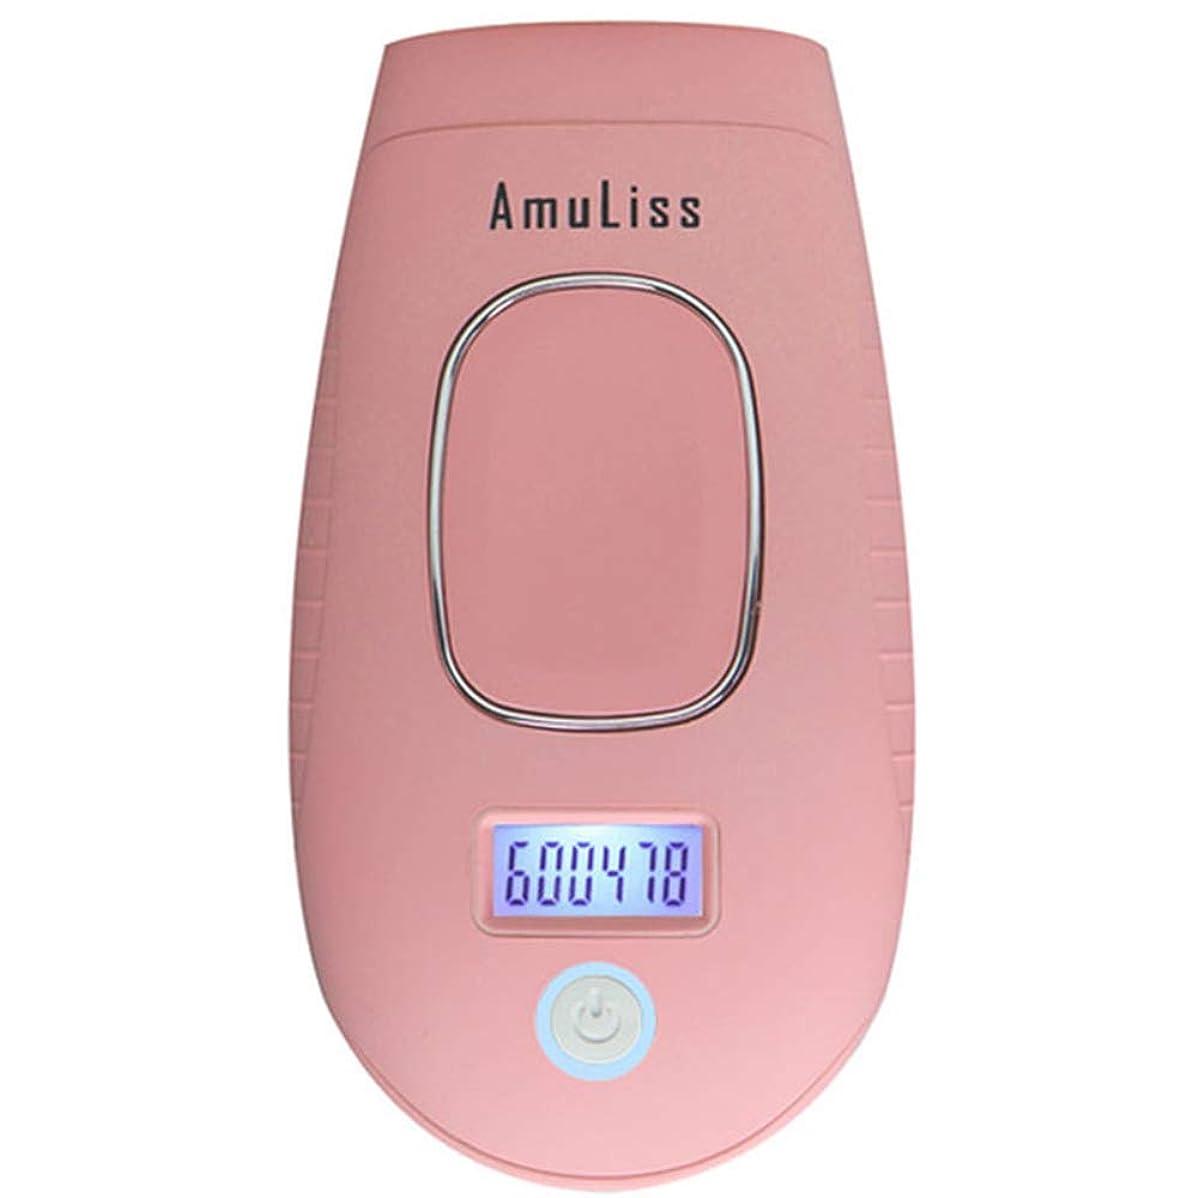 徹底ジェットフィドルパルス光脱毛器600000はIPL毛の取り外しの安全を点滅させます肌を傷つけることはありません、デバイスの女性の男性、液晶ディスプレイ付き永久無痛脱毛システム、フェイスボディ脇の下ビキニ,Pink